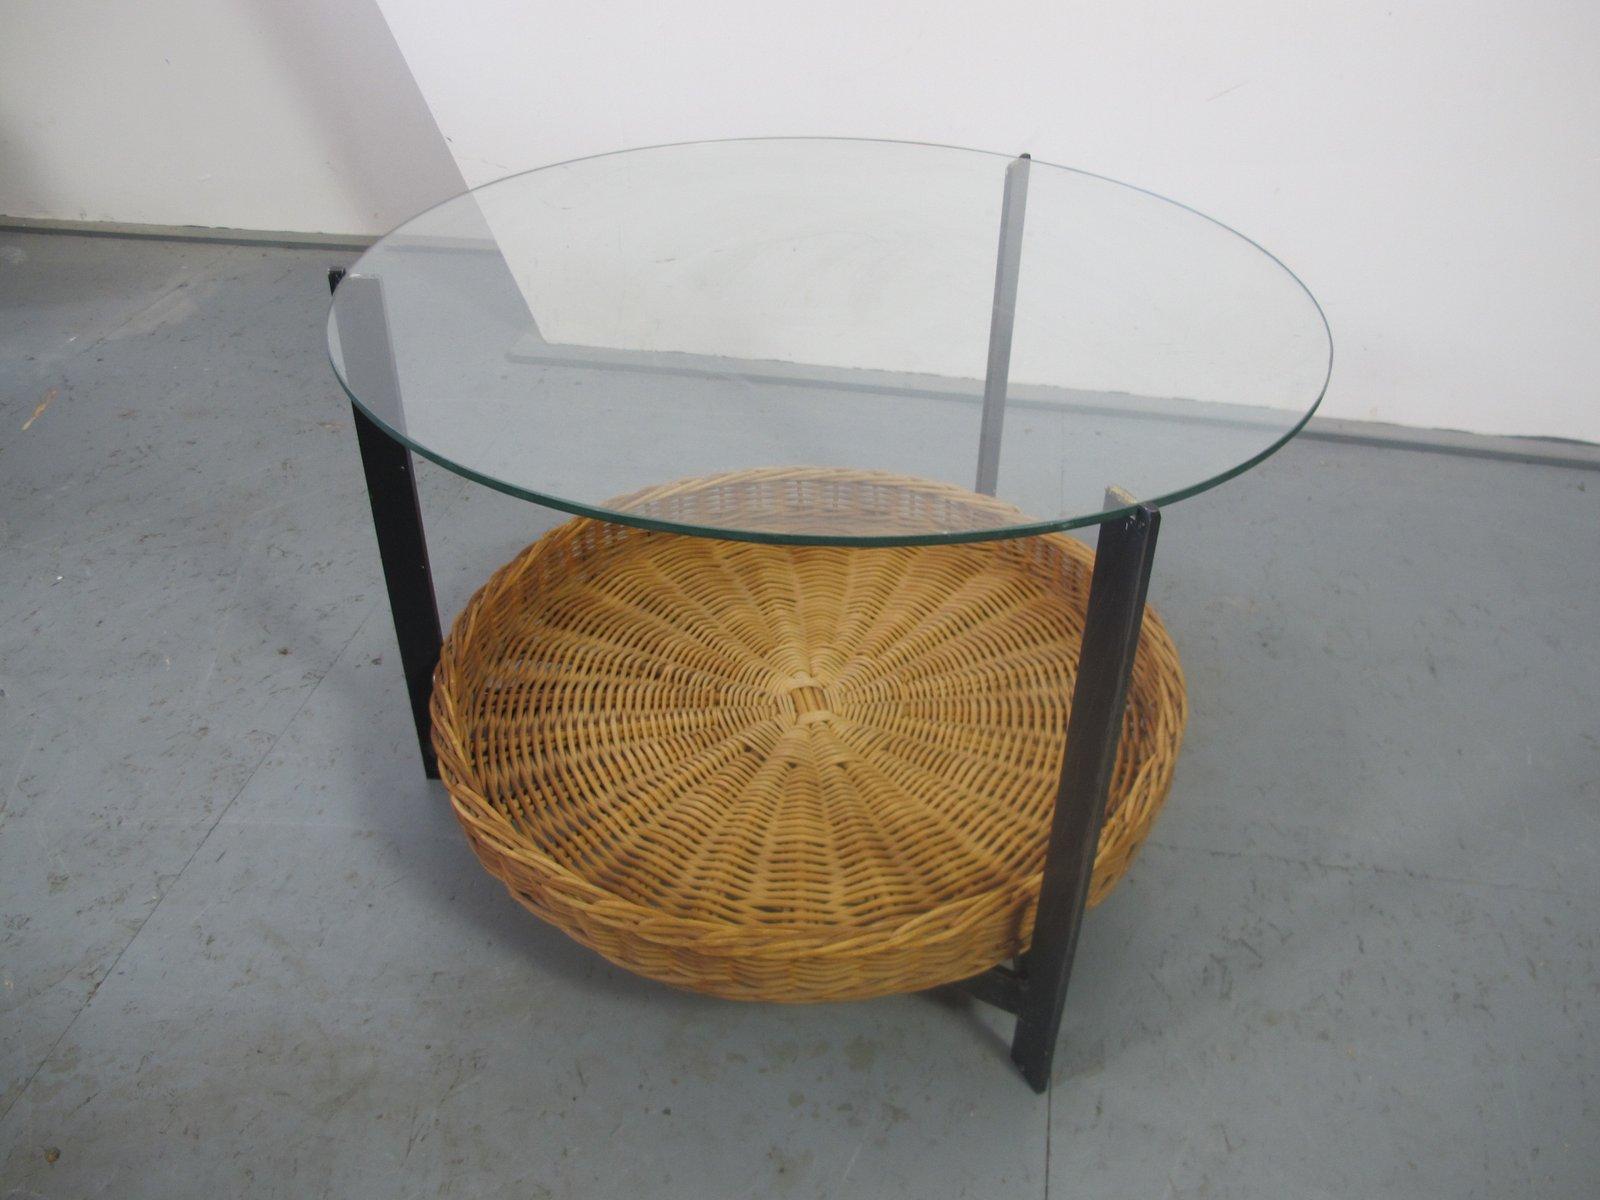 beistelltisch aus stahl glas rattan 1960er bei pamono kaufen. Black Bedroom Furniture Sets. Home Design Ideas